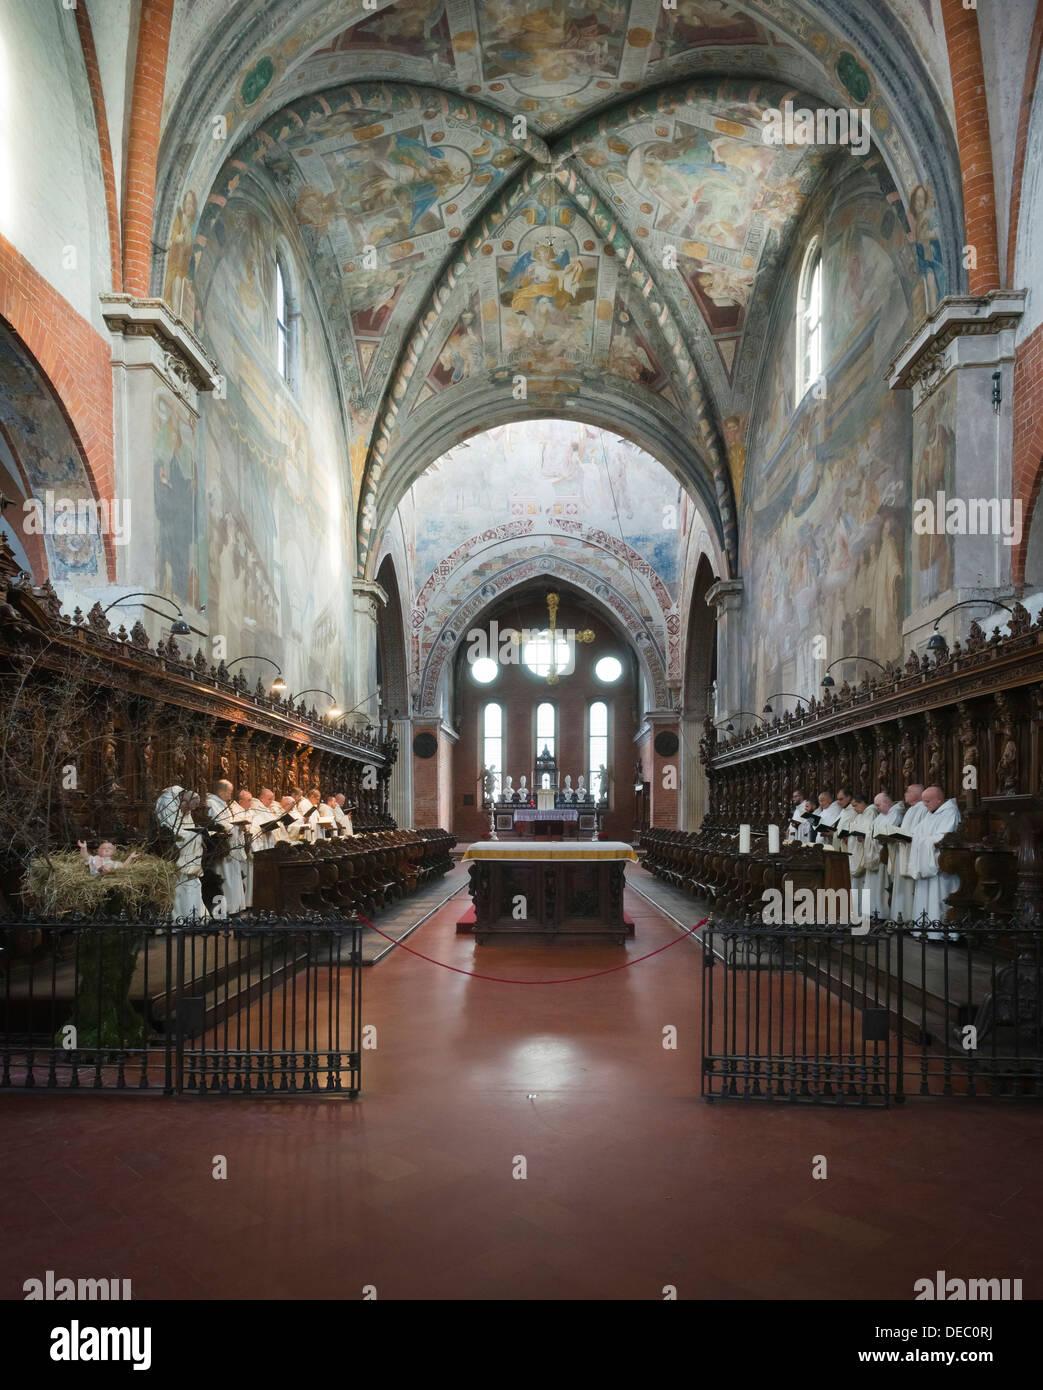 Zisterziensermönche im Gebet in die gotische Abtei Chiaravalle, Abbazia Chiaravalle Milanese, Rogoredo, Mailand, Lombardei, Italien Stockfoto